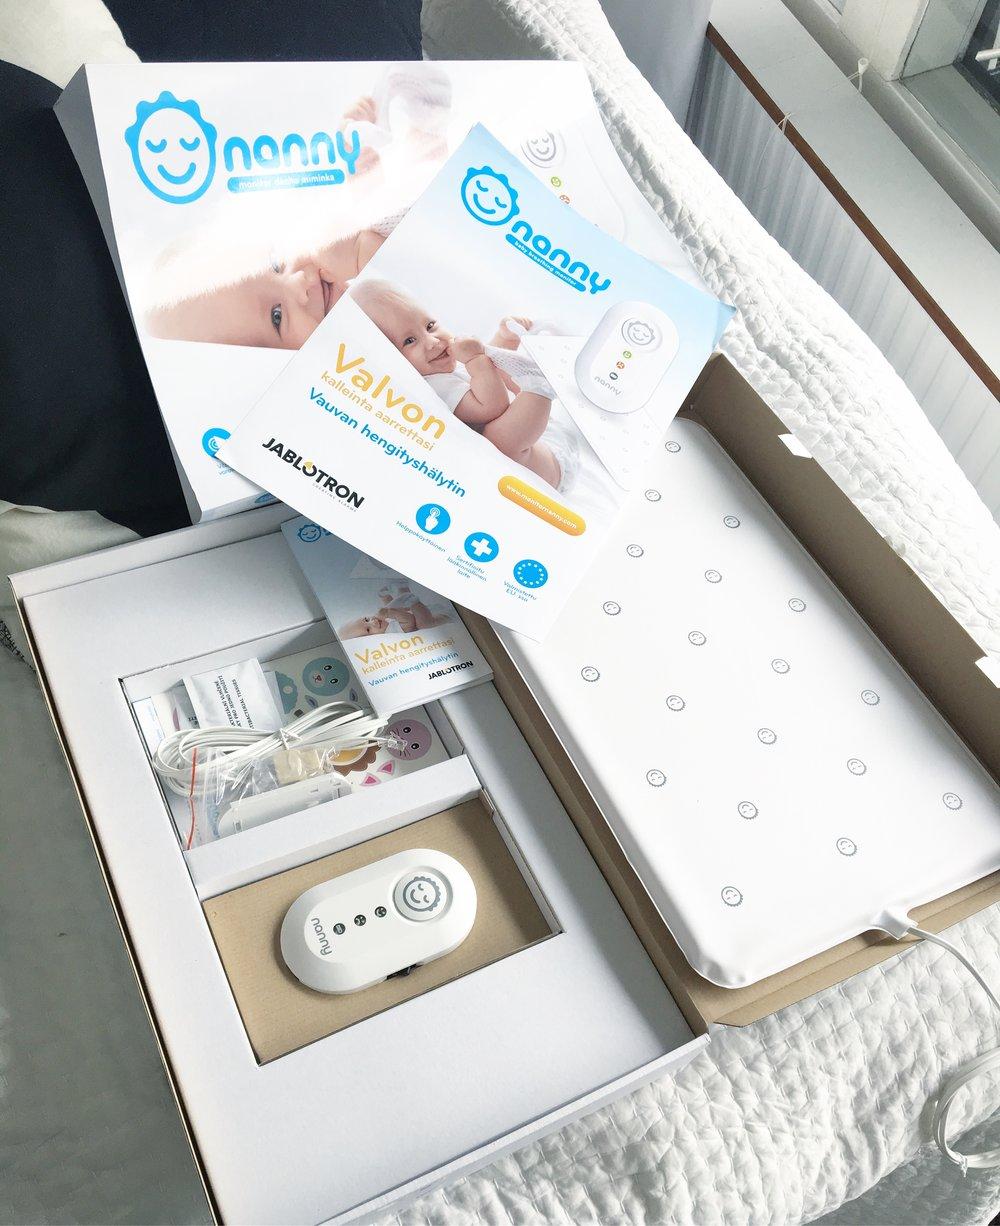 Nanny pakkaus sisältää itse hälyttimen kiinnityshihnalla, sensoripatjan, jatkojohdon sekä suomenkieliset käyttöohjeet ja ensiapuohjeet.